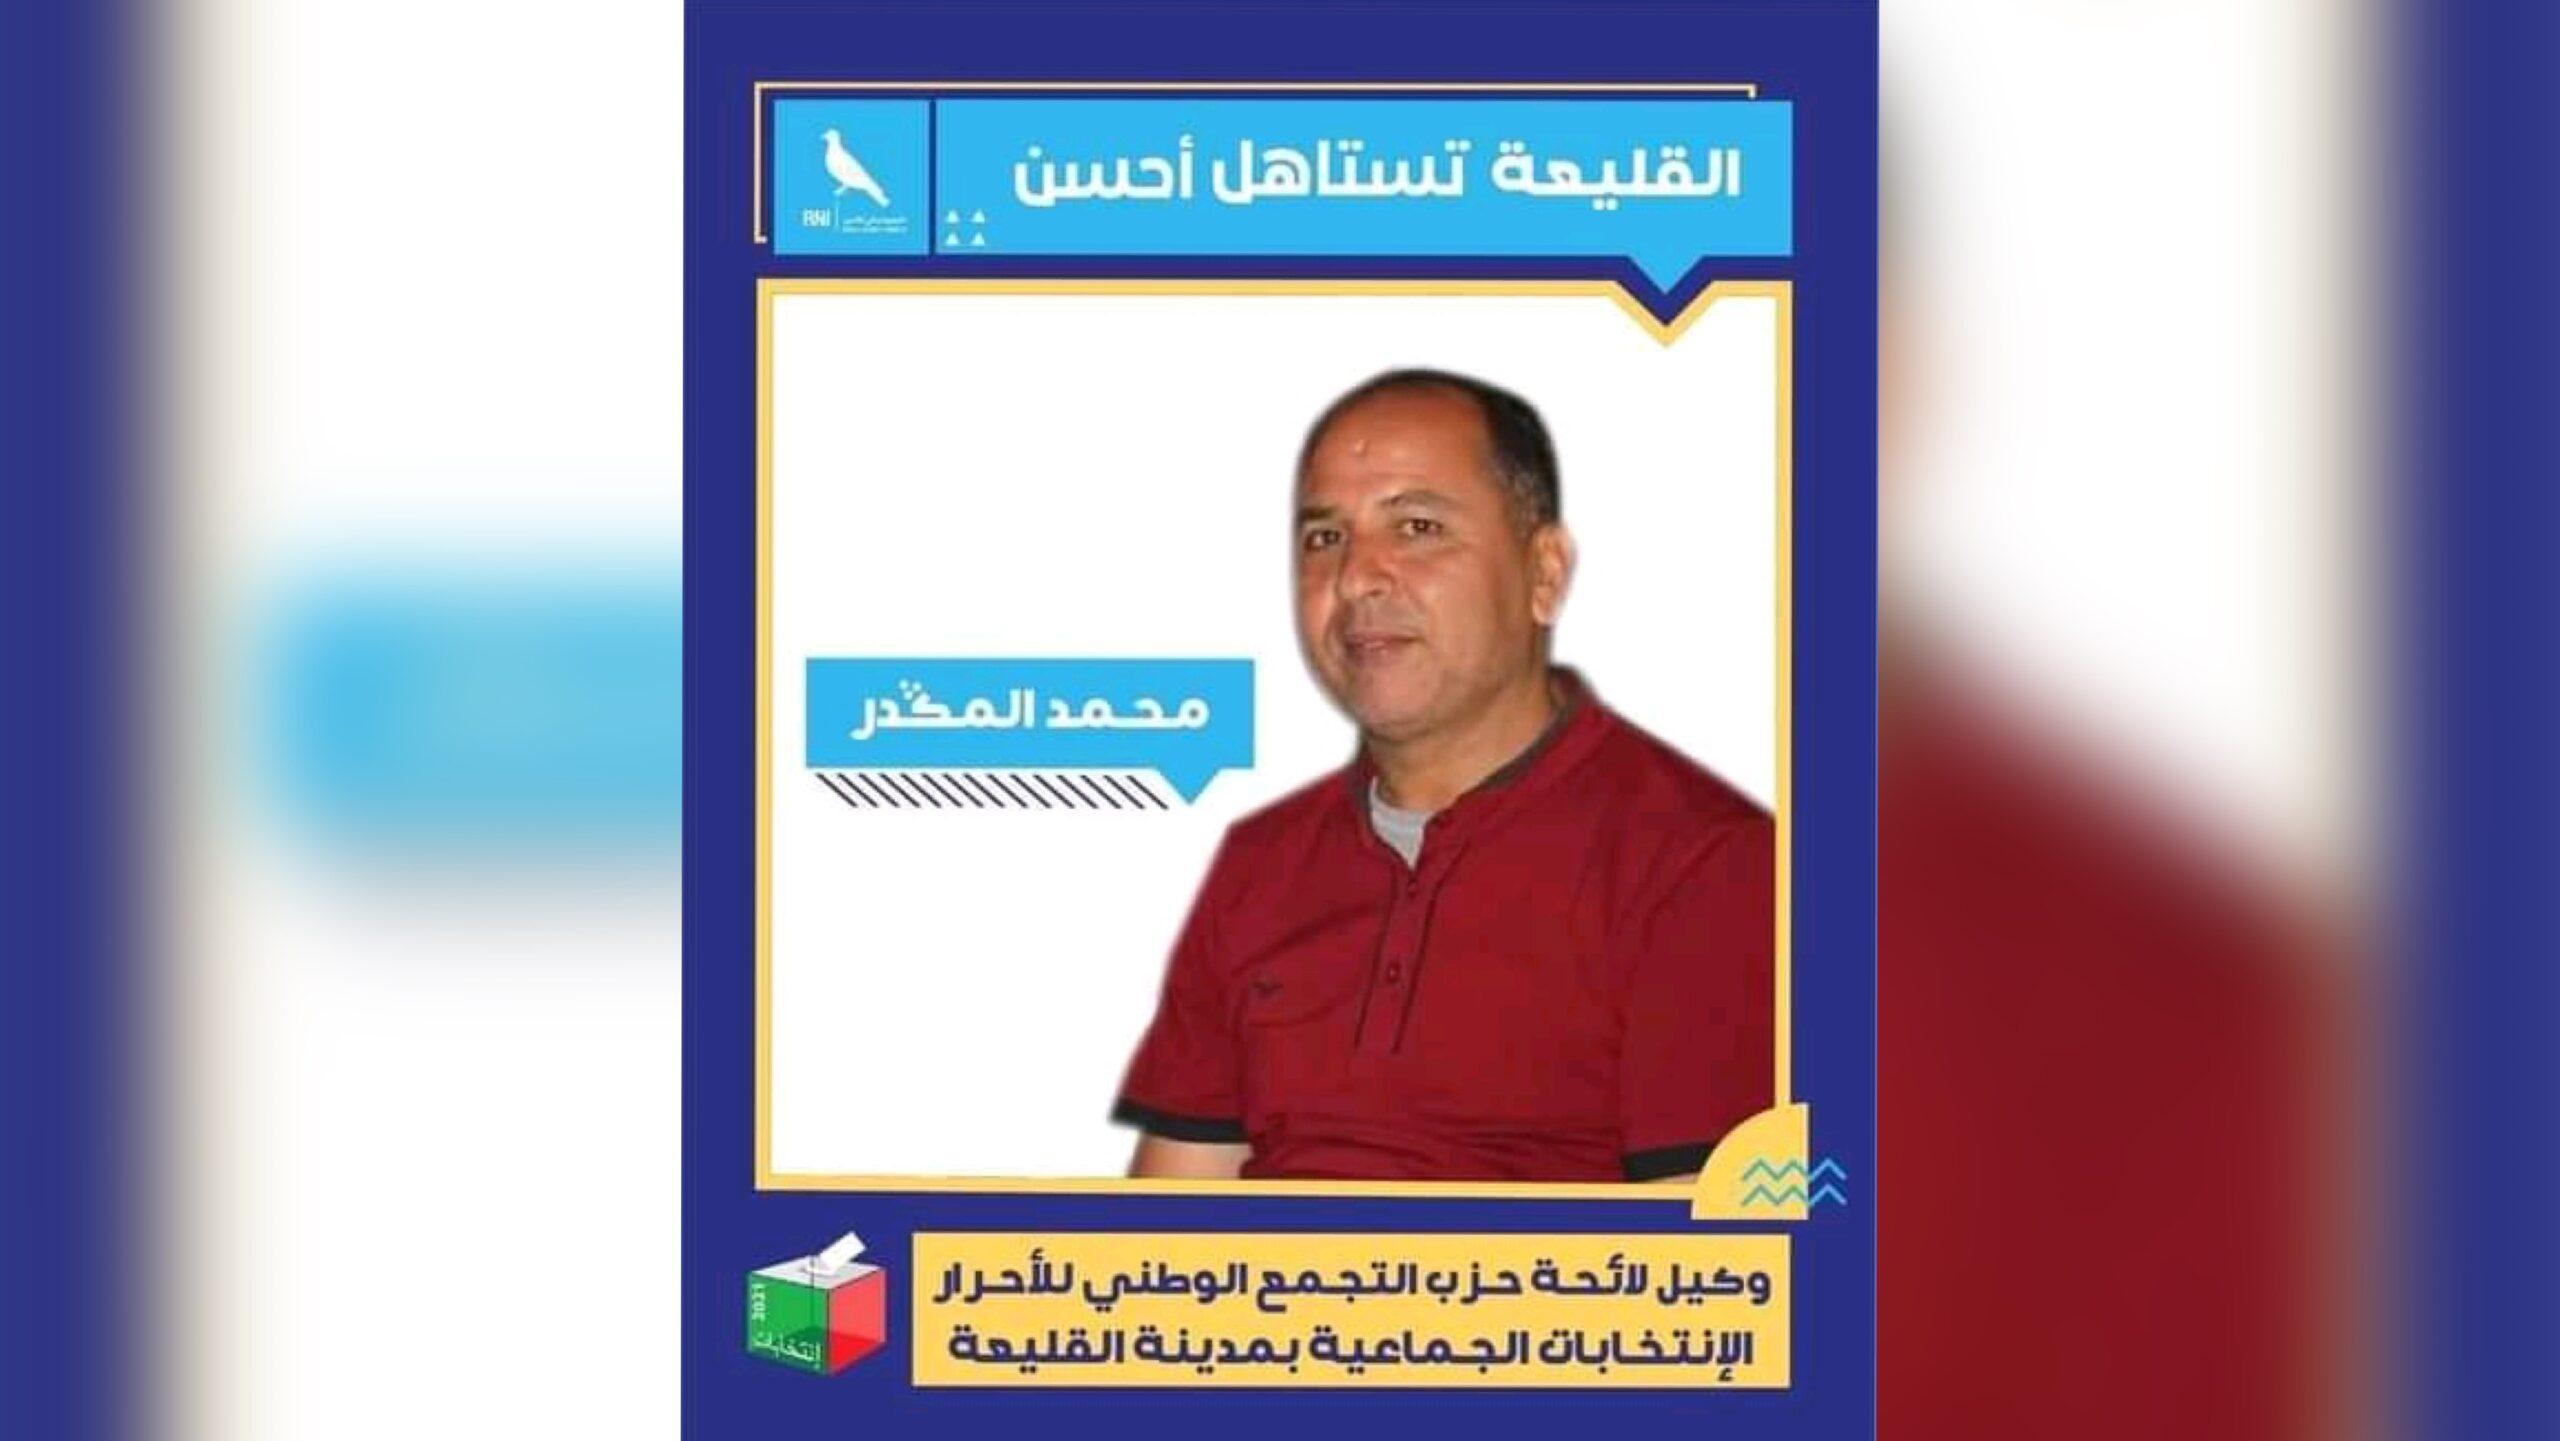 صورة الأحرار يزكي مولاي محمد المكدر وكيلا للائحة القليعة